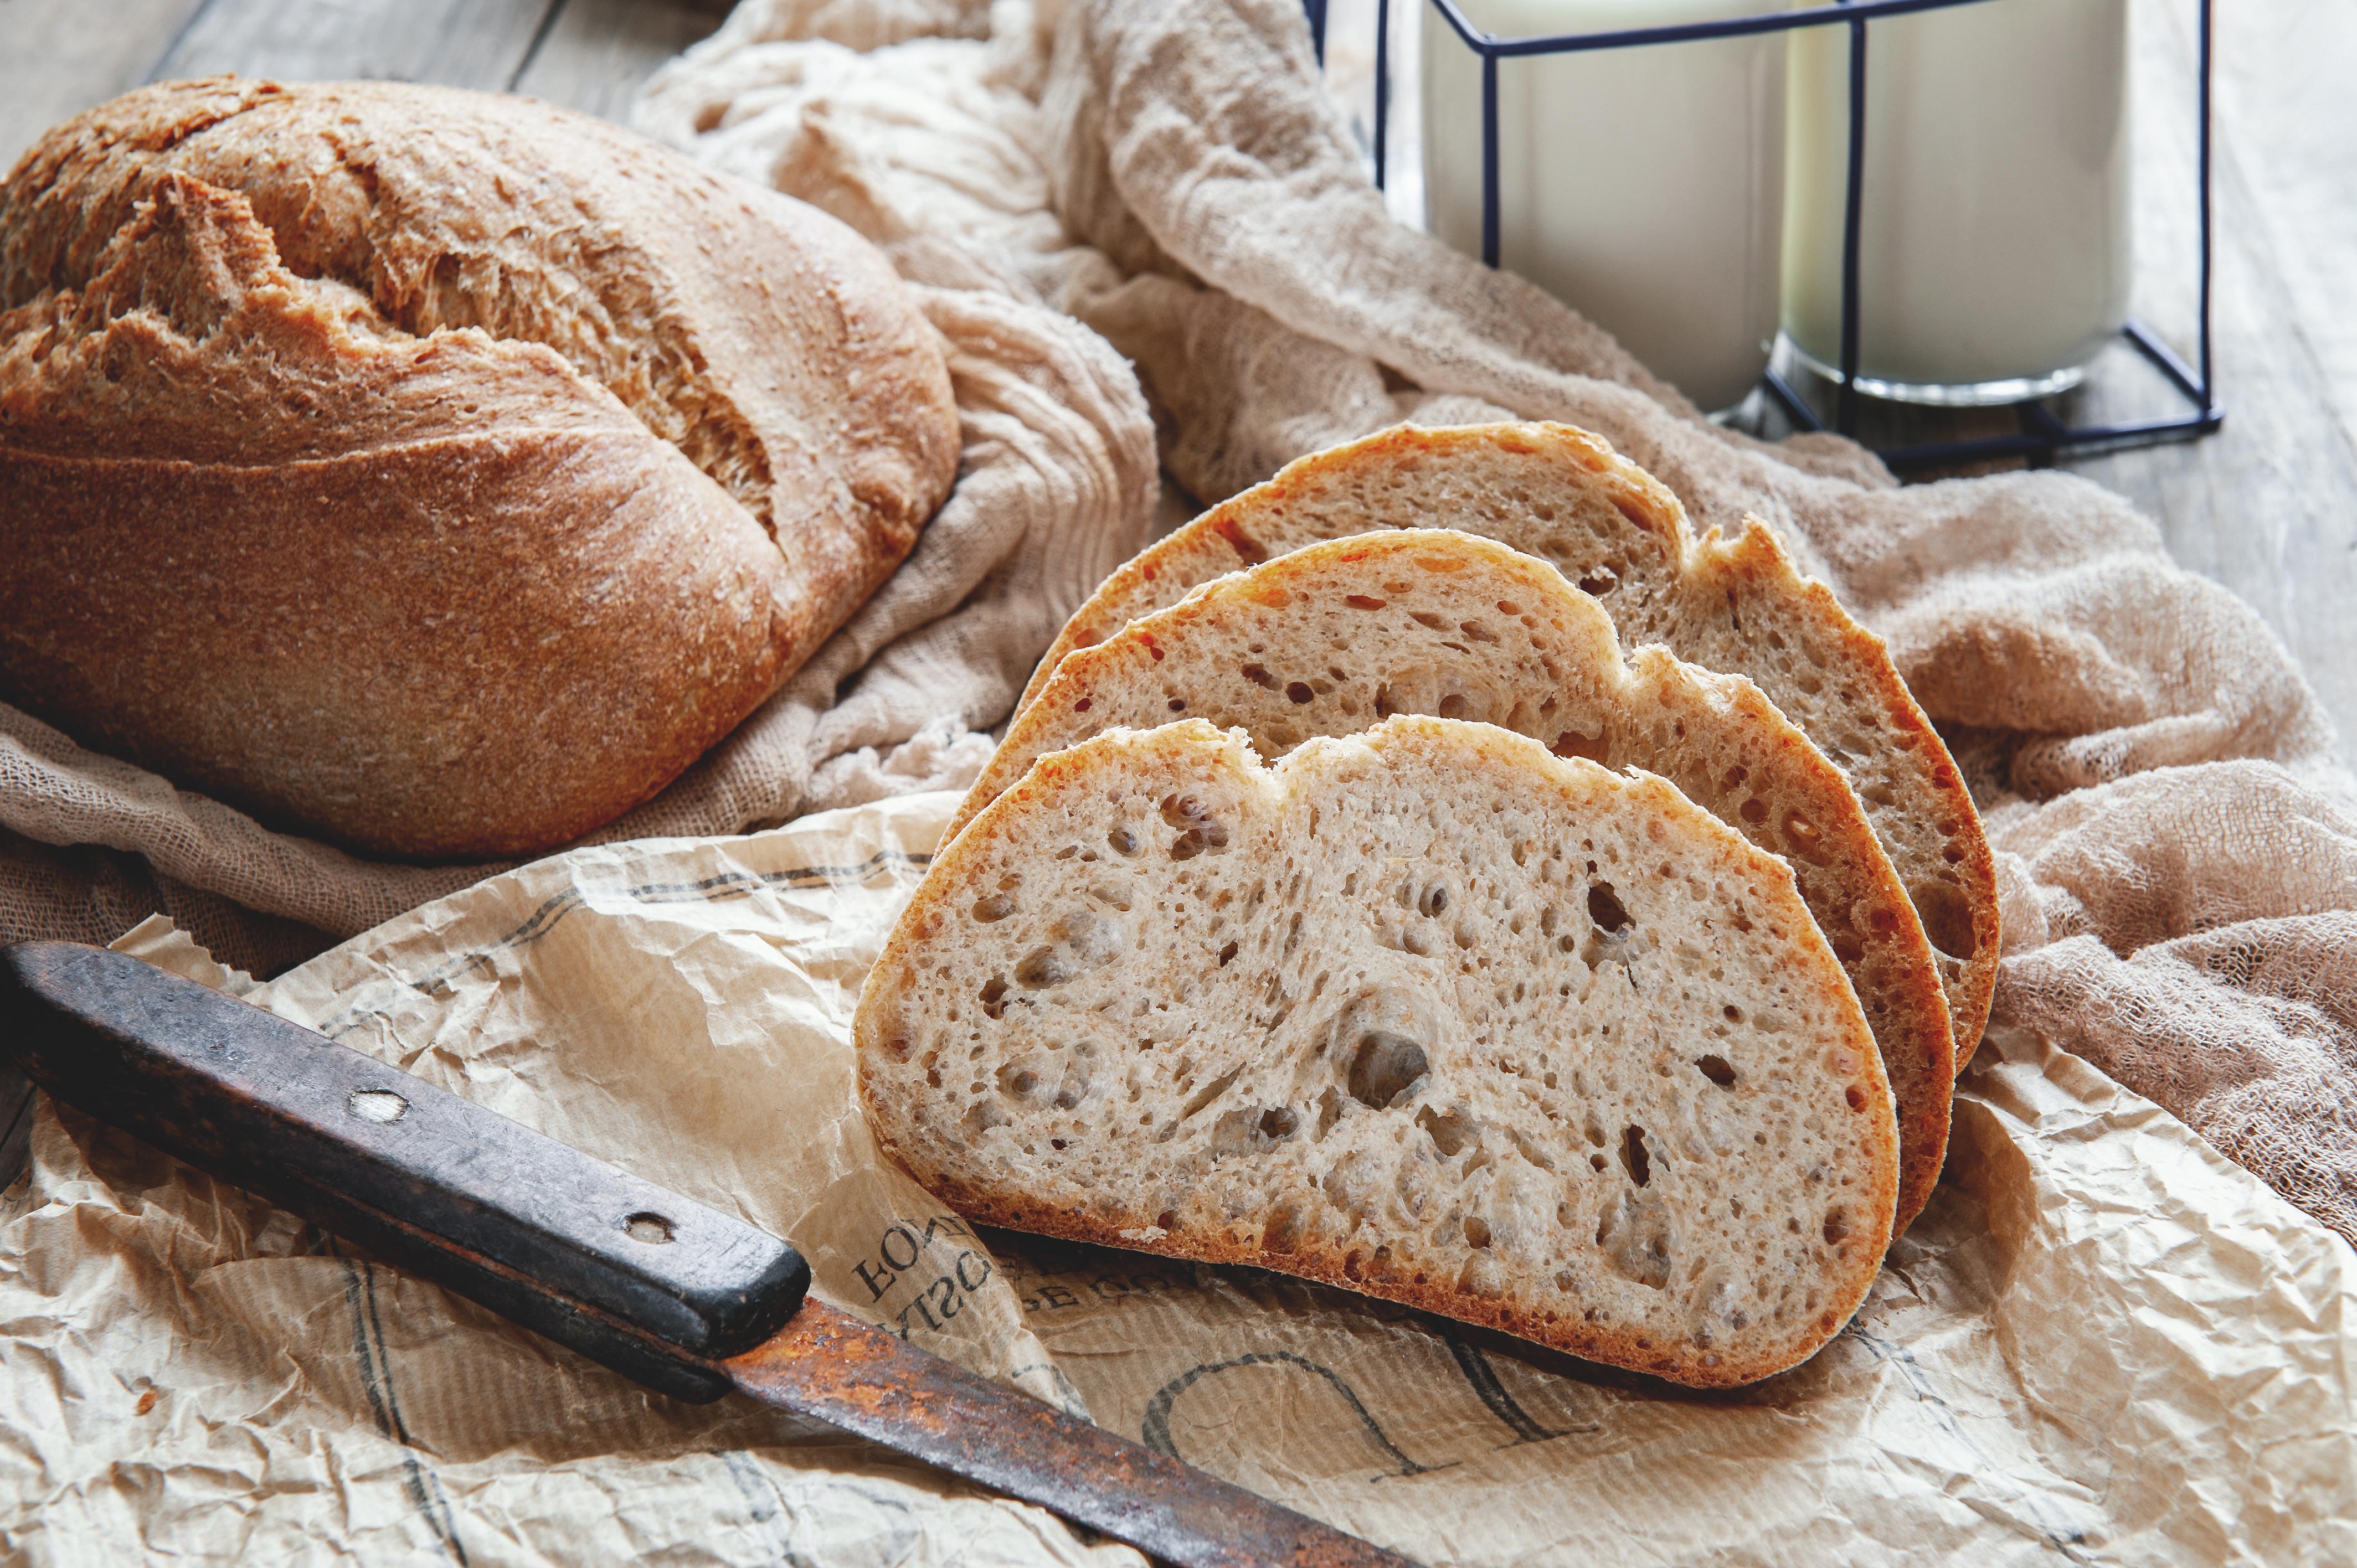 <p>За да запазите хляба свеж и вкусен, е нужно да го защитите от контакта с въздуха. Не го прибирайте в найлонова торбичка. Направите ли го, влагата от вътрешността на хляба ще премине в коричката и тя ще омекне, докато вътрешността ще се втвърди.</p>